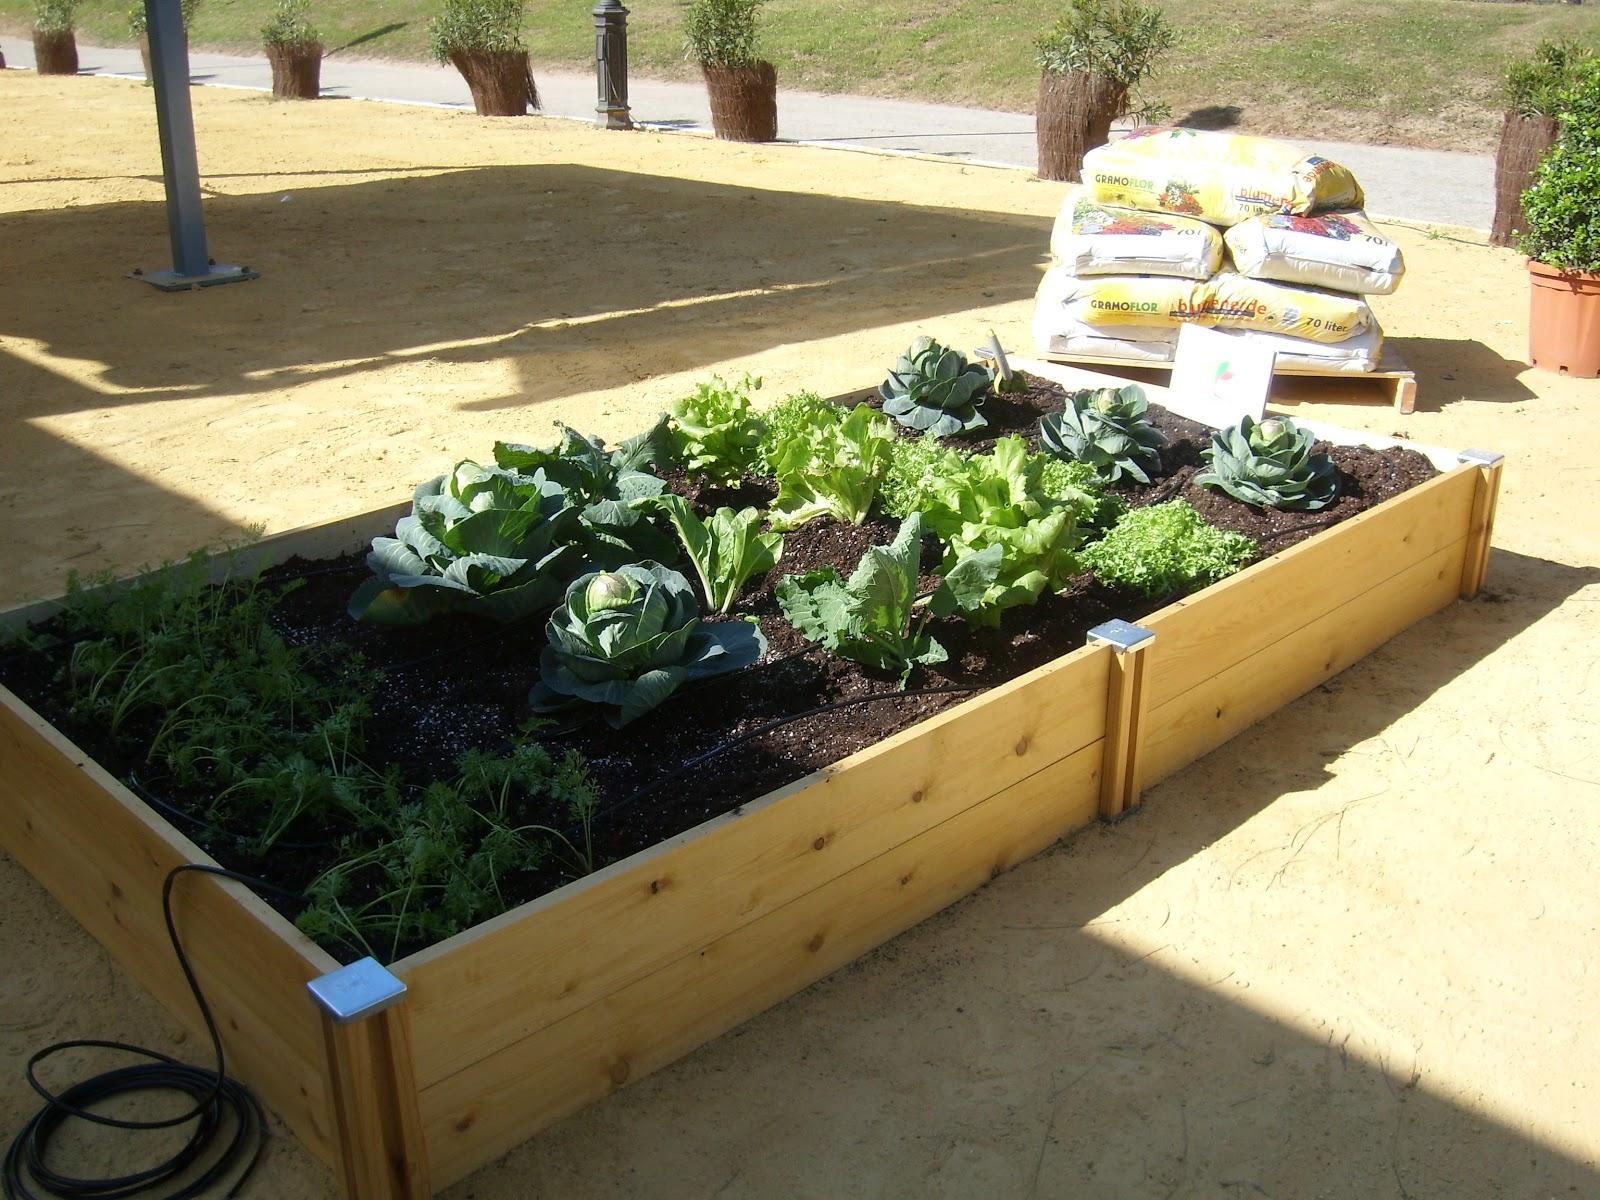 Jardiner a en sevilla caurajard n huerto ecol gico para patios y terrazas - Huerto en casa ikea ...